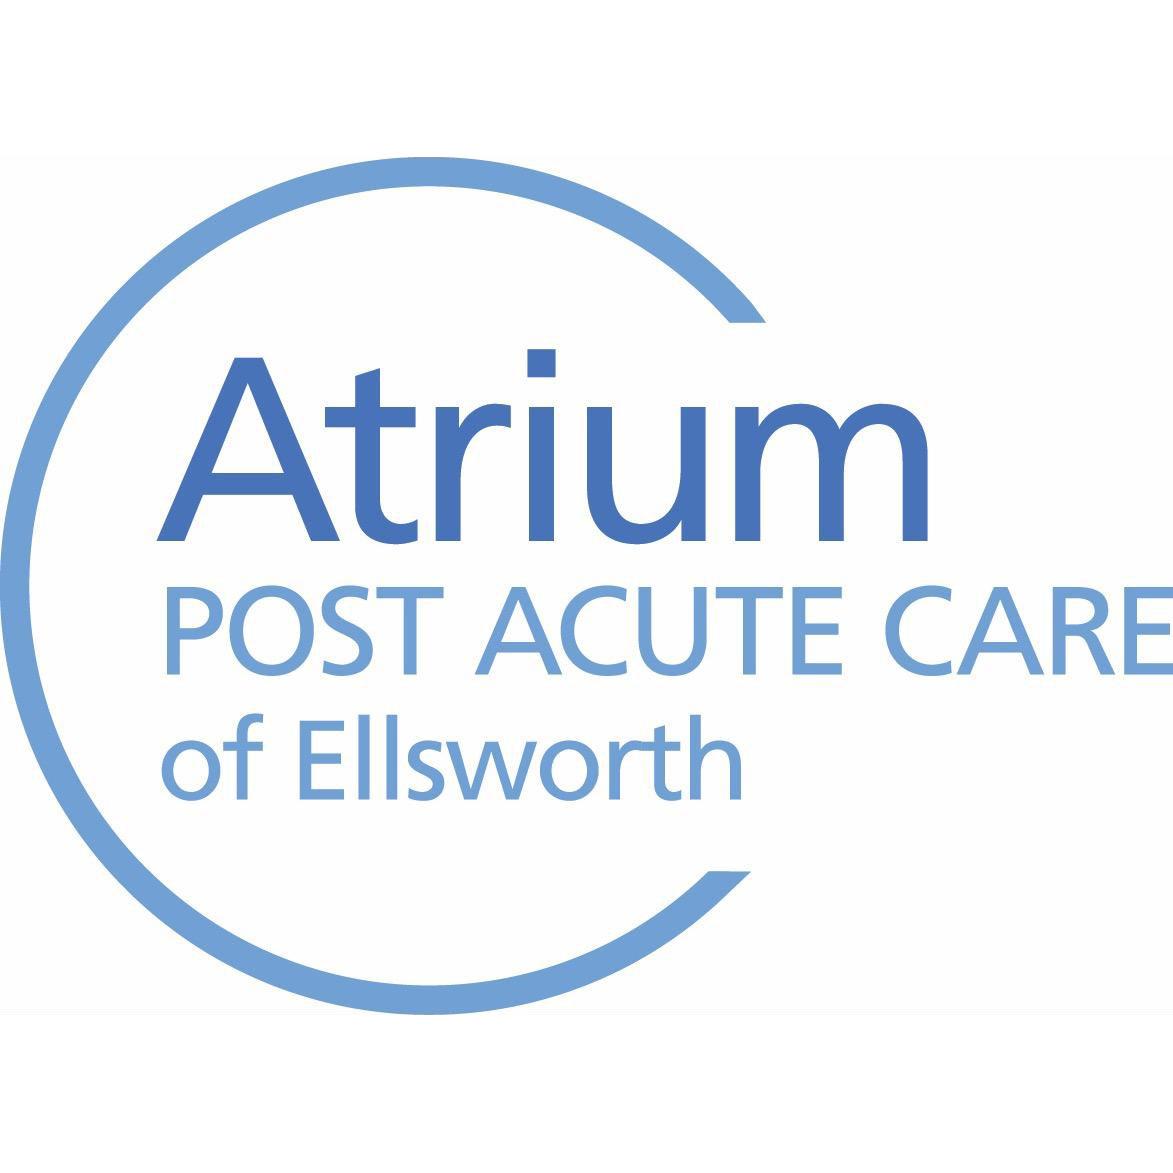 Atrium Post Acute Care of Ellsworth